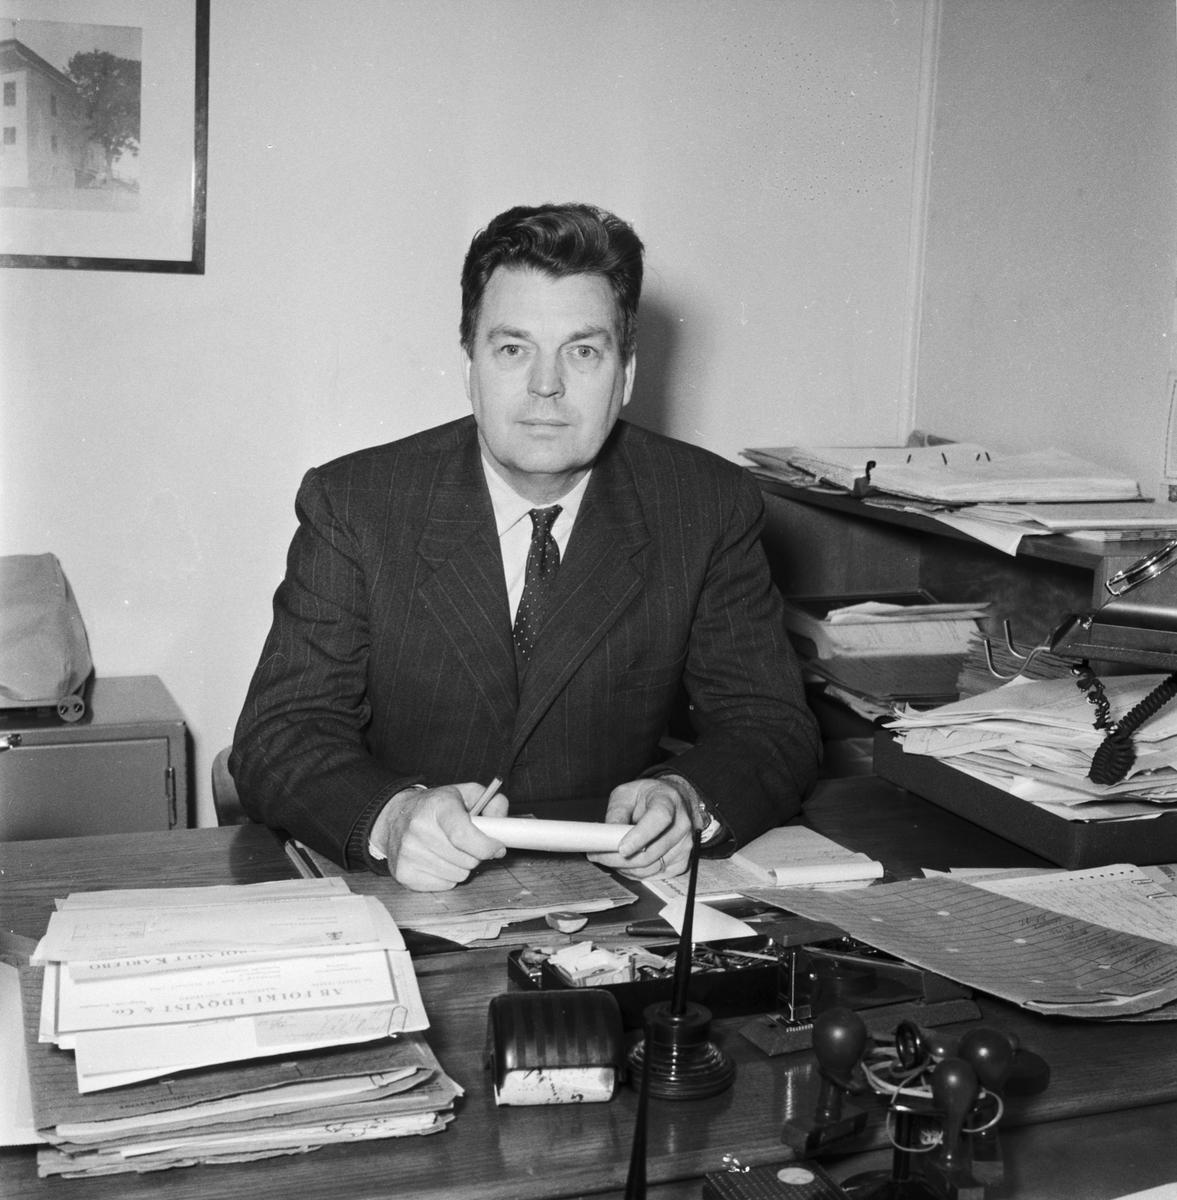 Övrigt: Foto datum: 24/2 1961 Byggnader och kranar Driftskontoret interiör